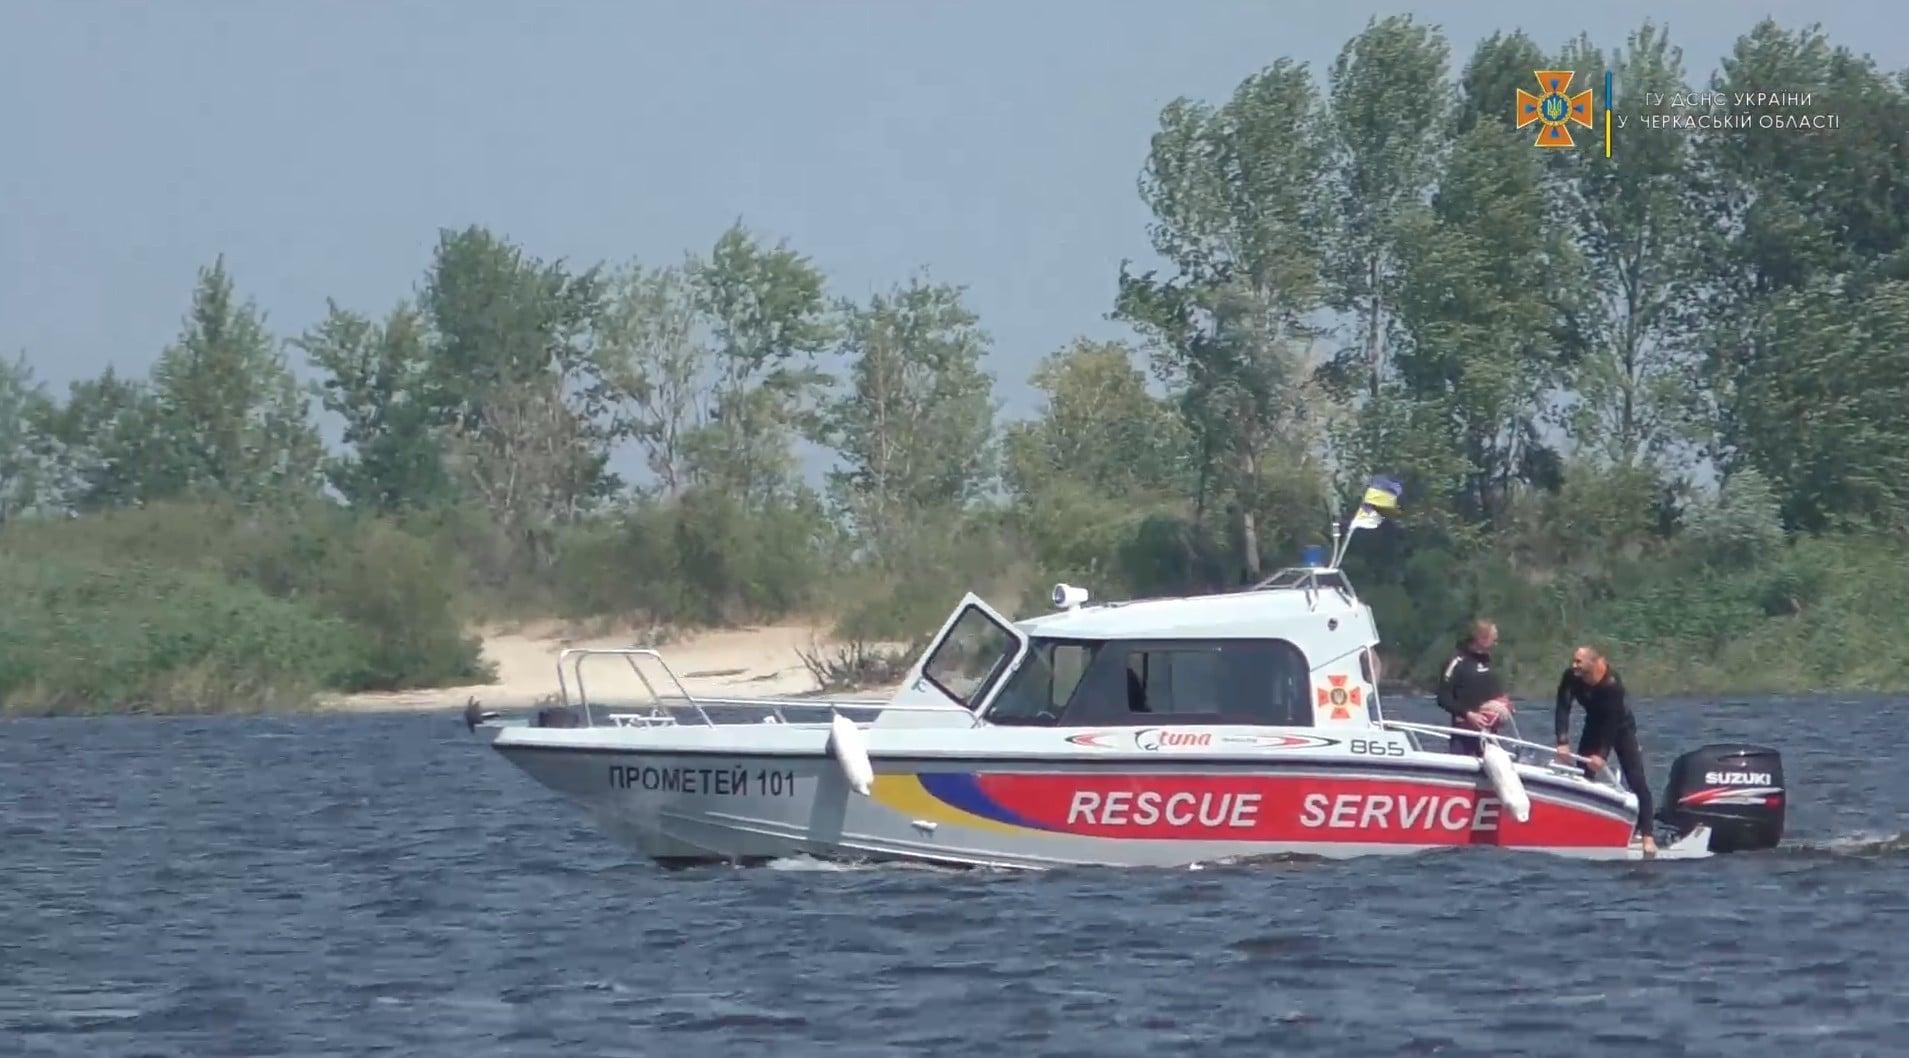 Тіло зниклого чоловіка знайшли на Дніпрі в Черкасах